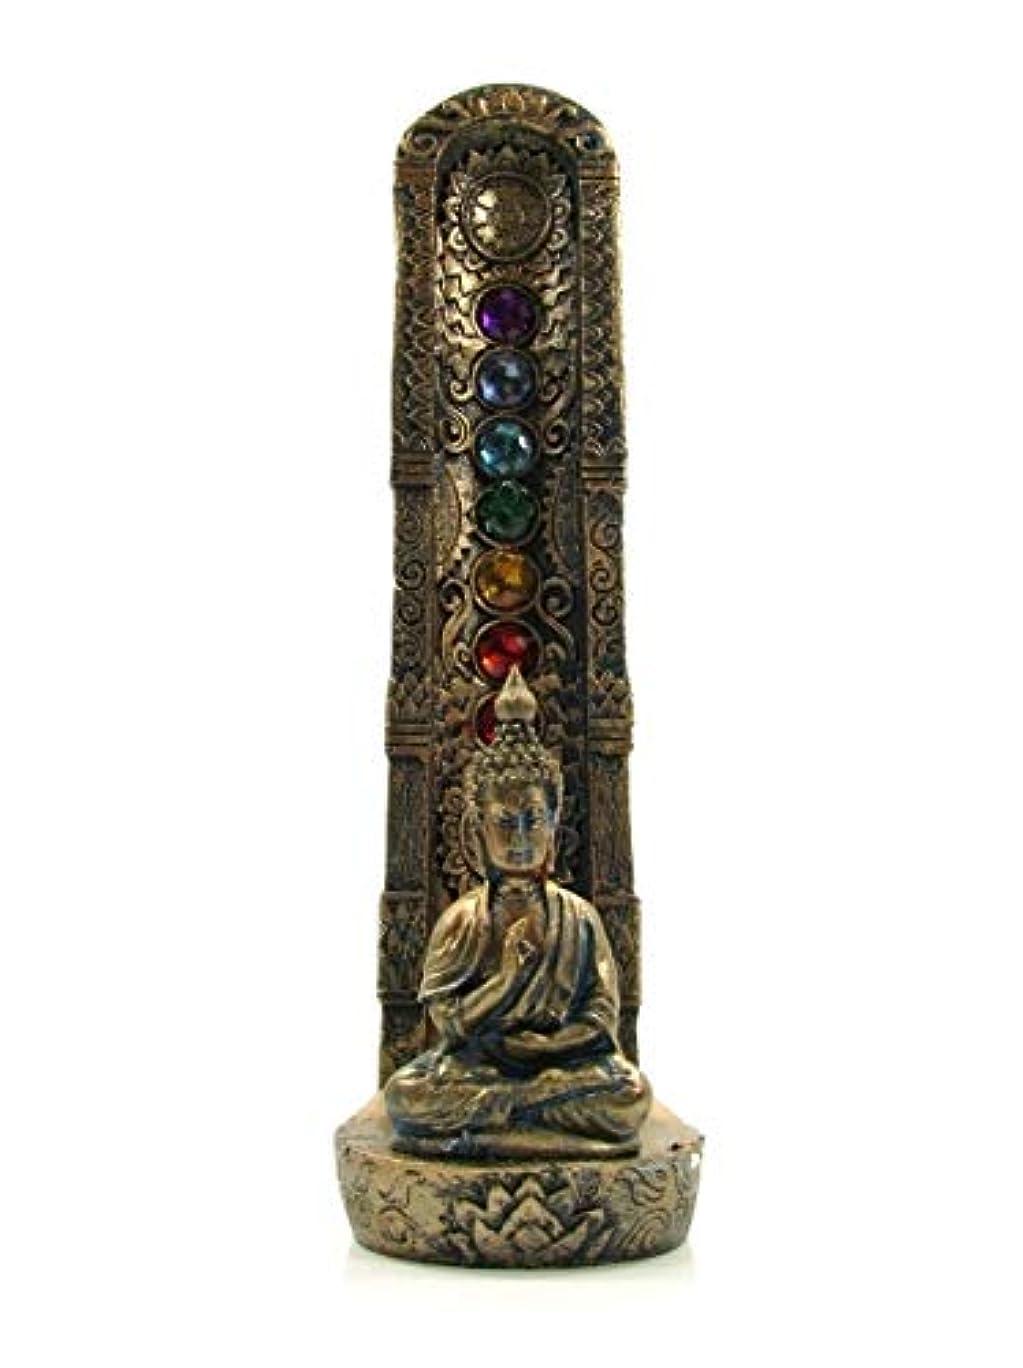 穴やがてペストリー[INCENSE GOODS(インセンスグッズ)] STANDING CHAKRA BUDDHA INCENSE BURNER